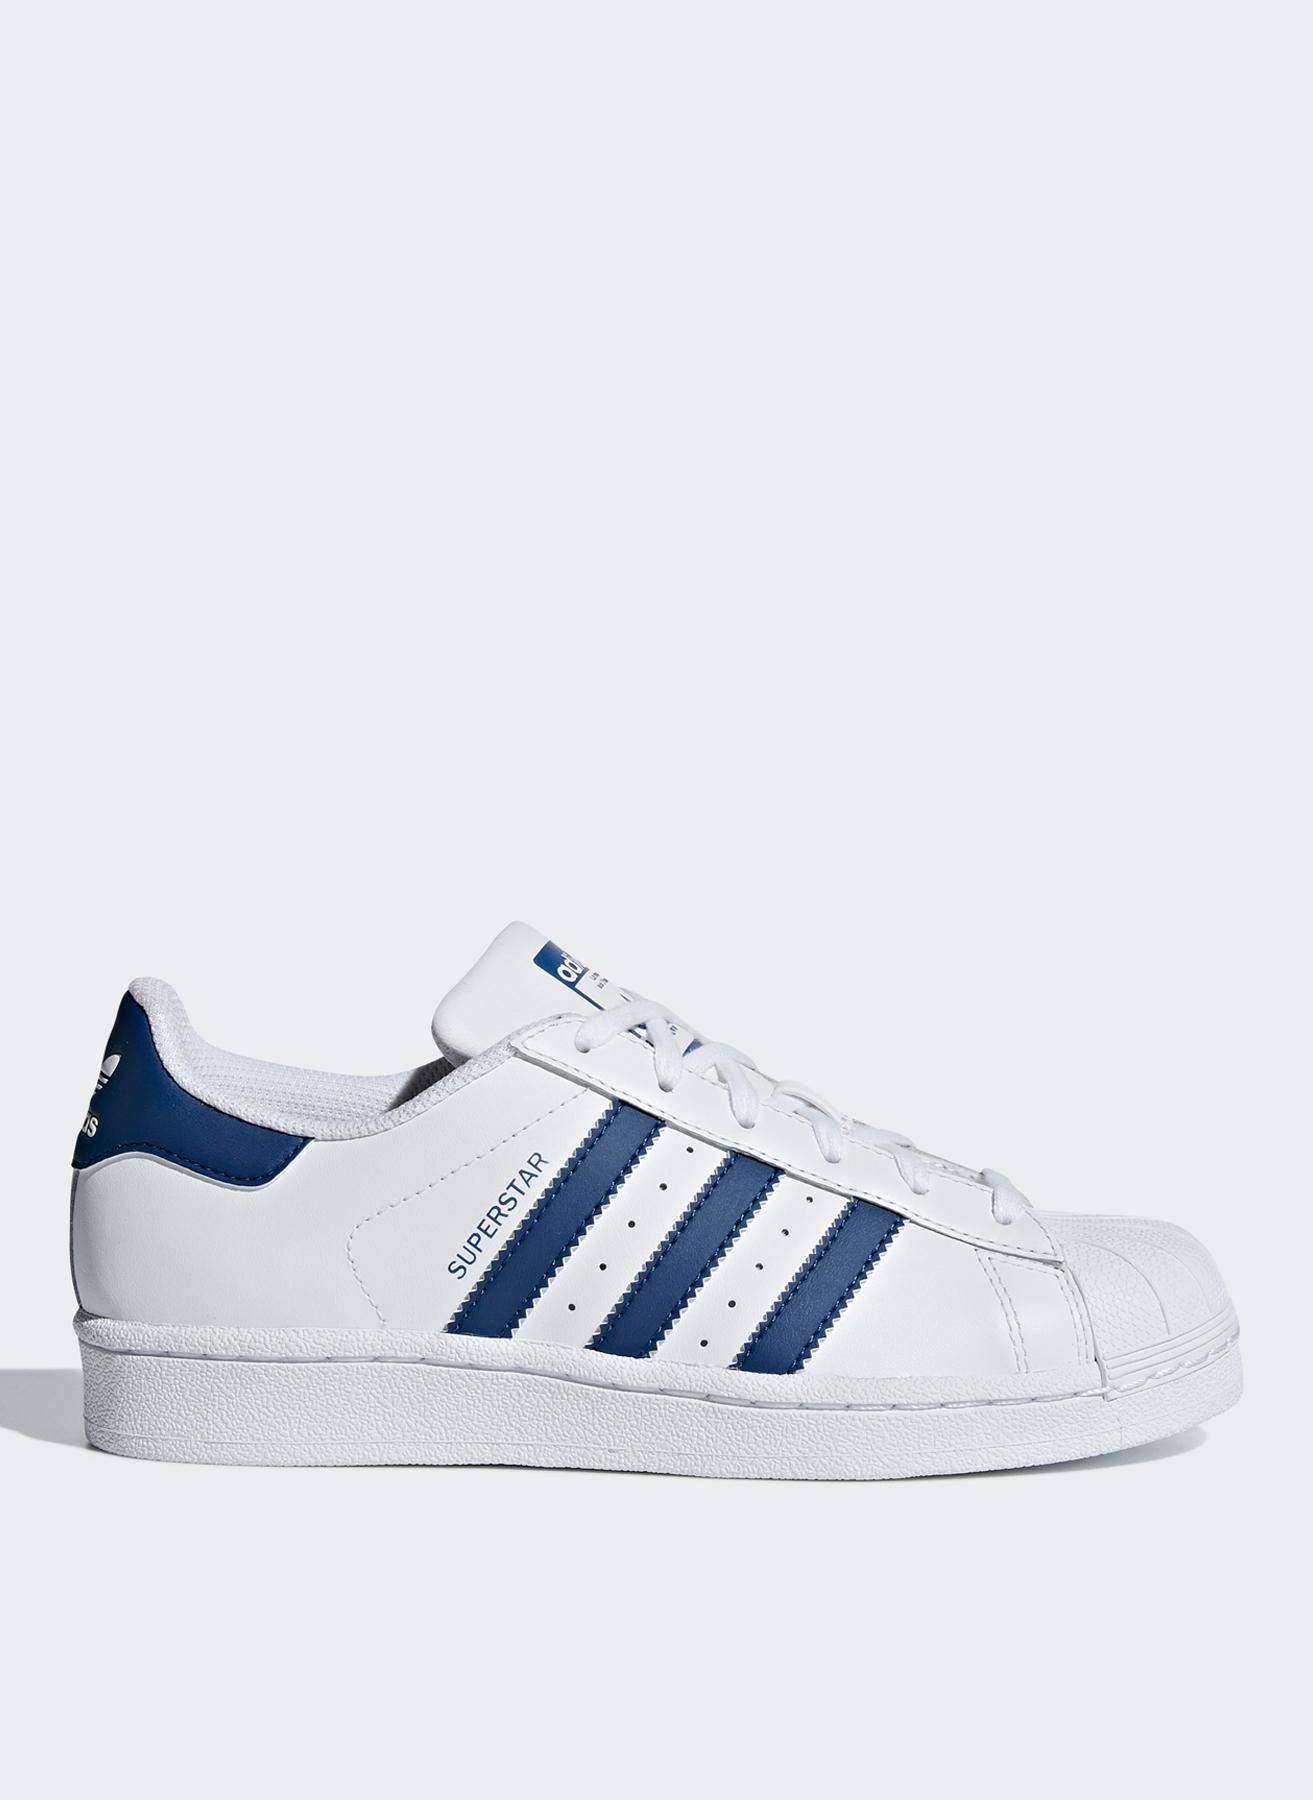 742f1864f31cf Erkek Beyaz adidas Yürüyüş Ayakkabısı 38 5002356106002 & Çanta Çocuk  Ayakkabıları Antrenman